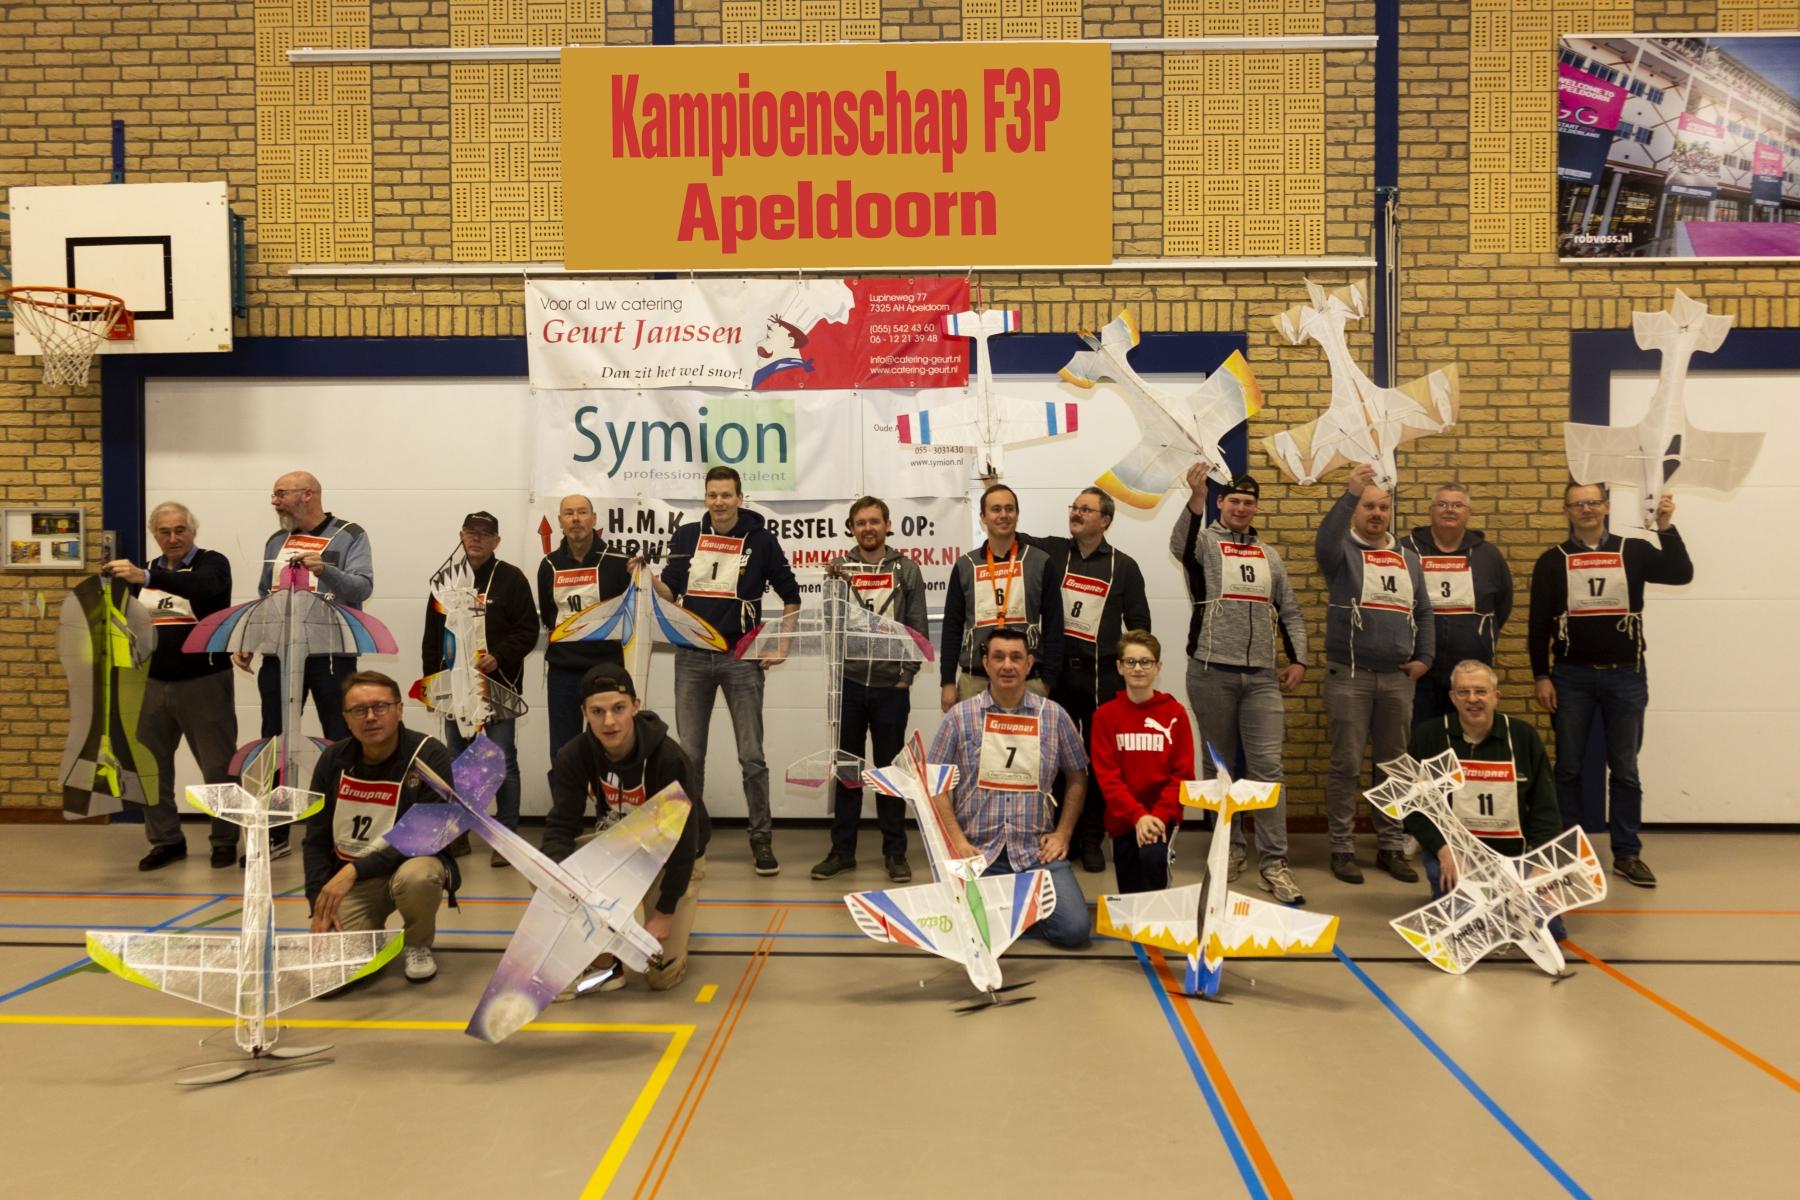 F3P3 Wedstrijd Apeldoorn